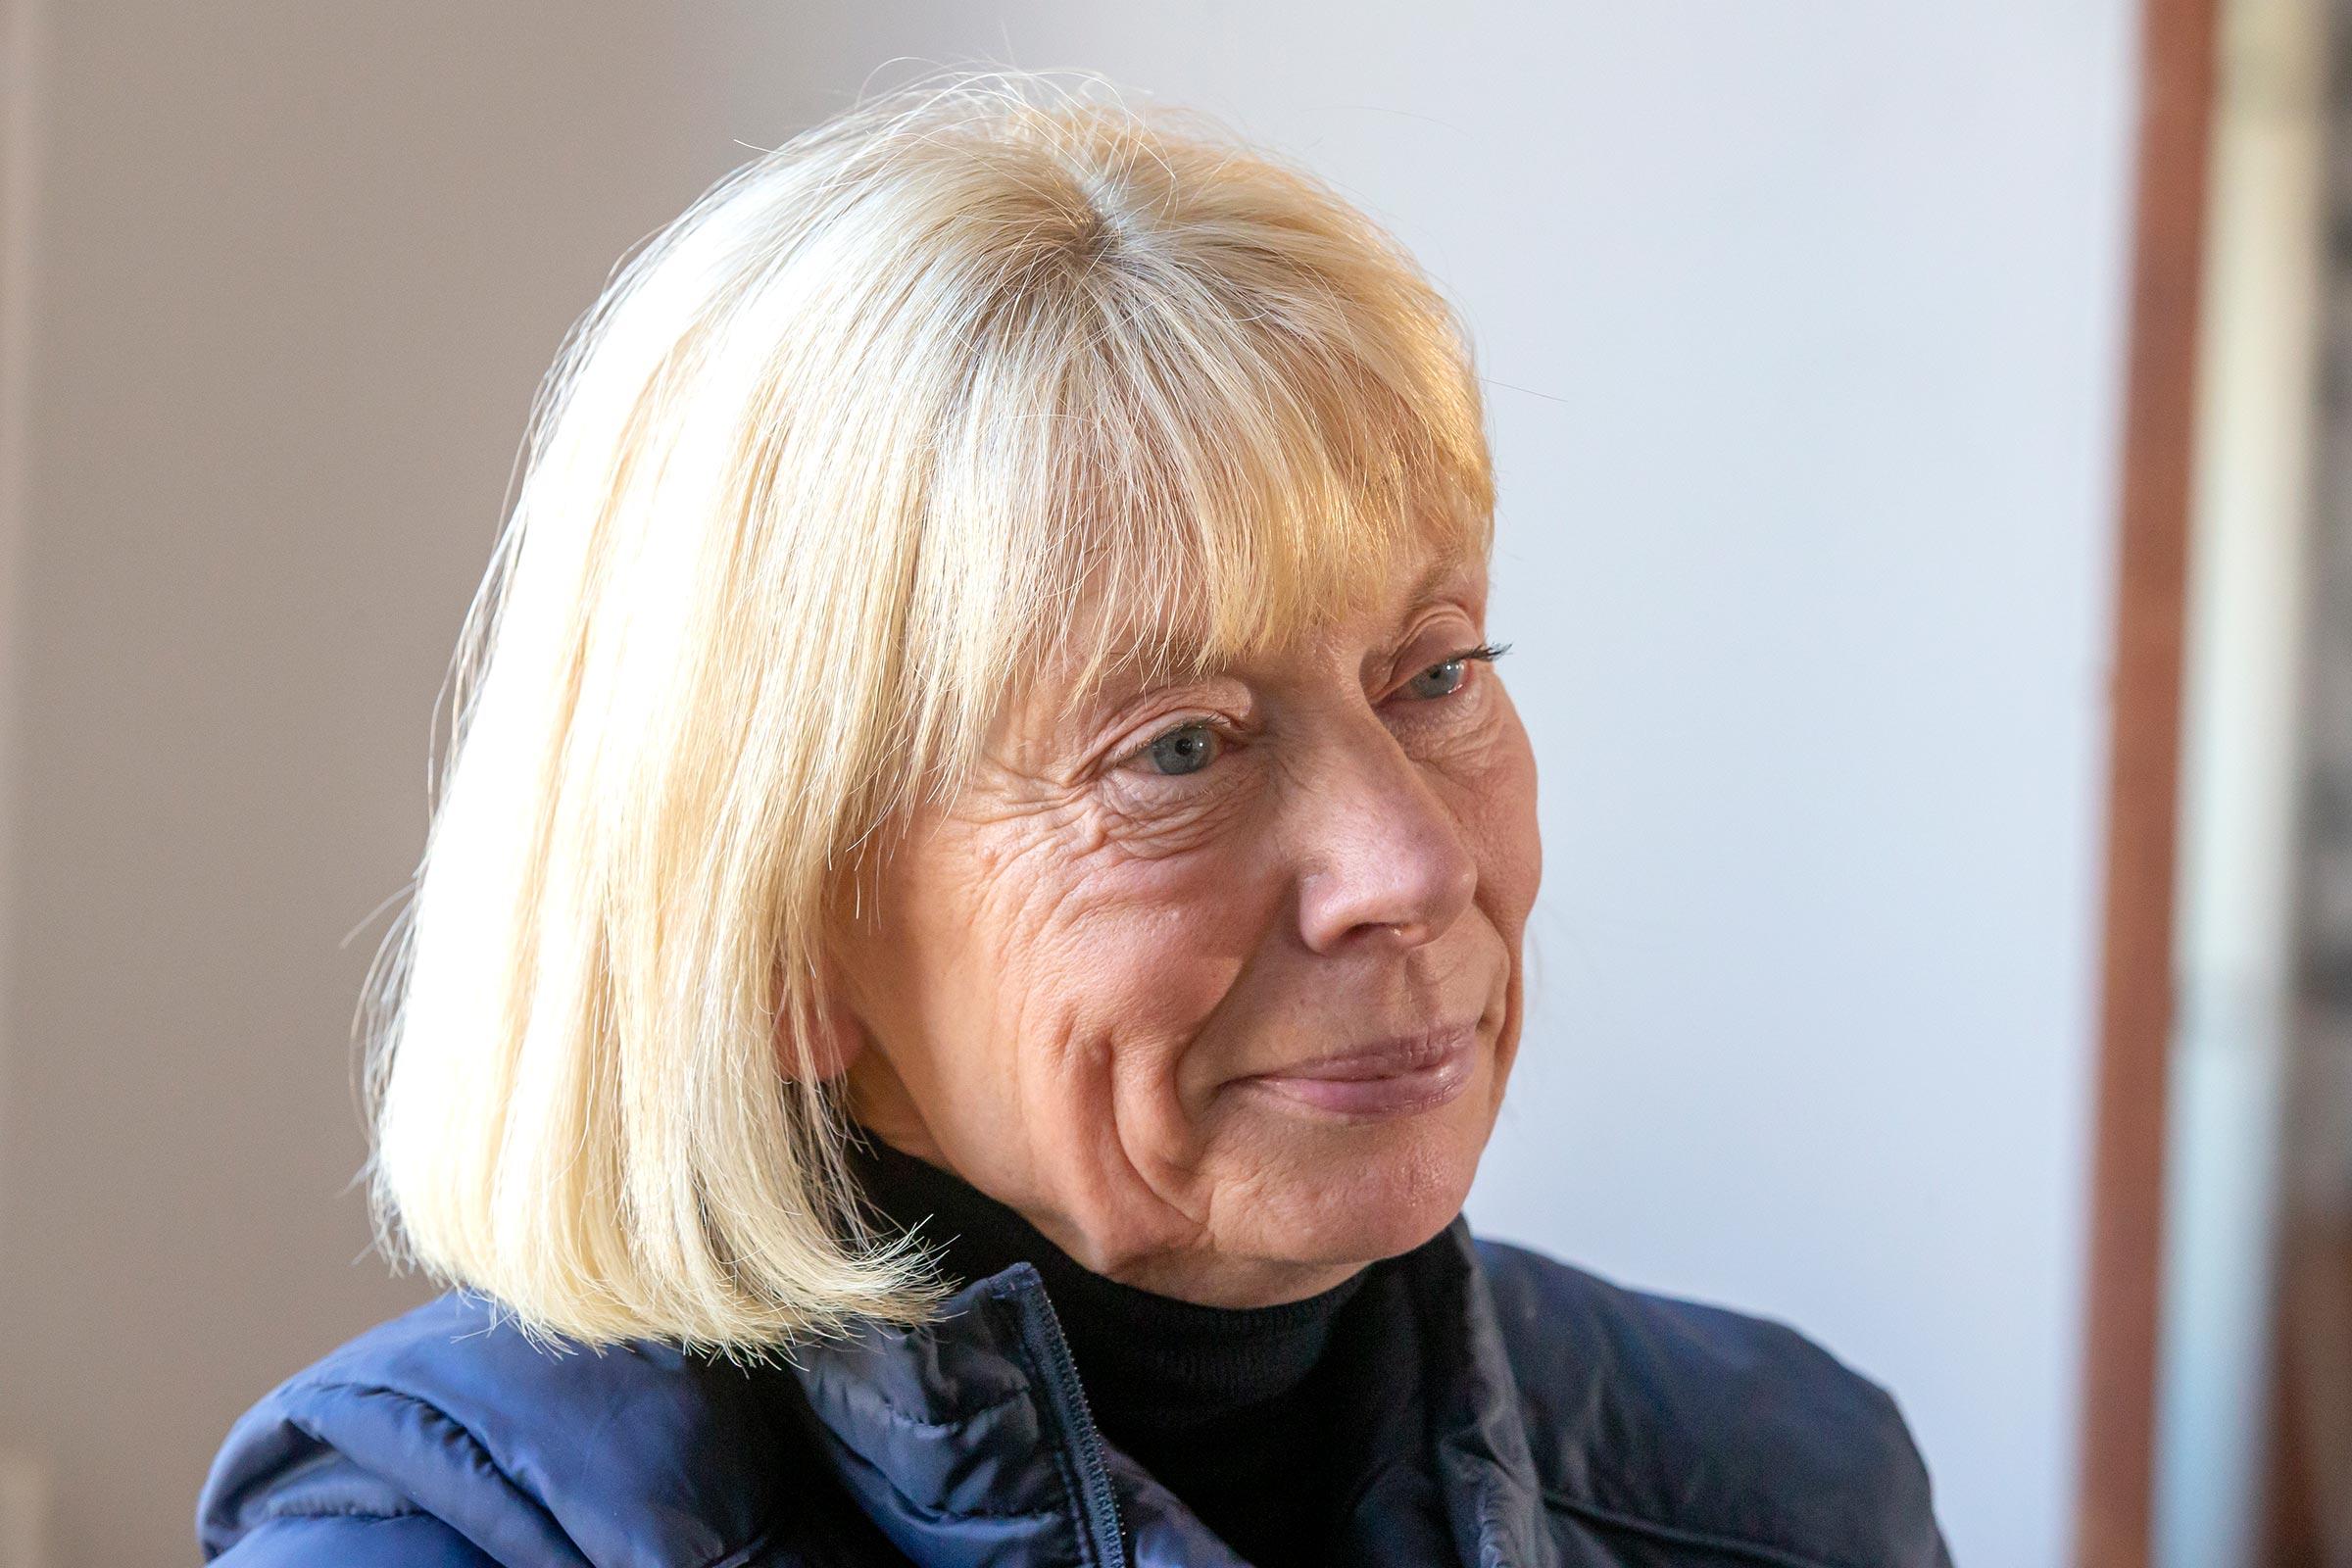 Louise-nathhorst-3-200330-rt